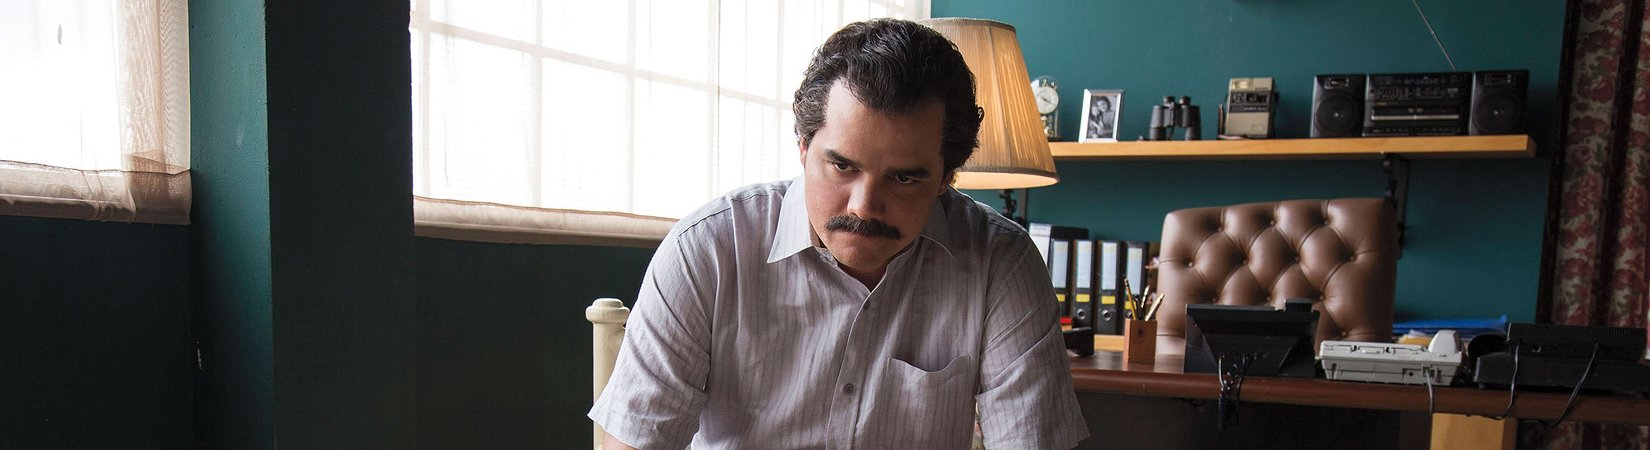 Geheimversteck von El Chapo